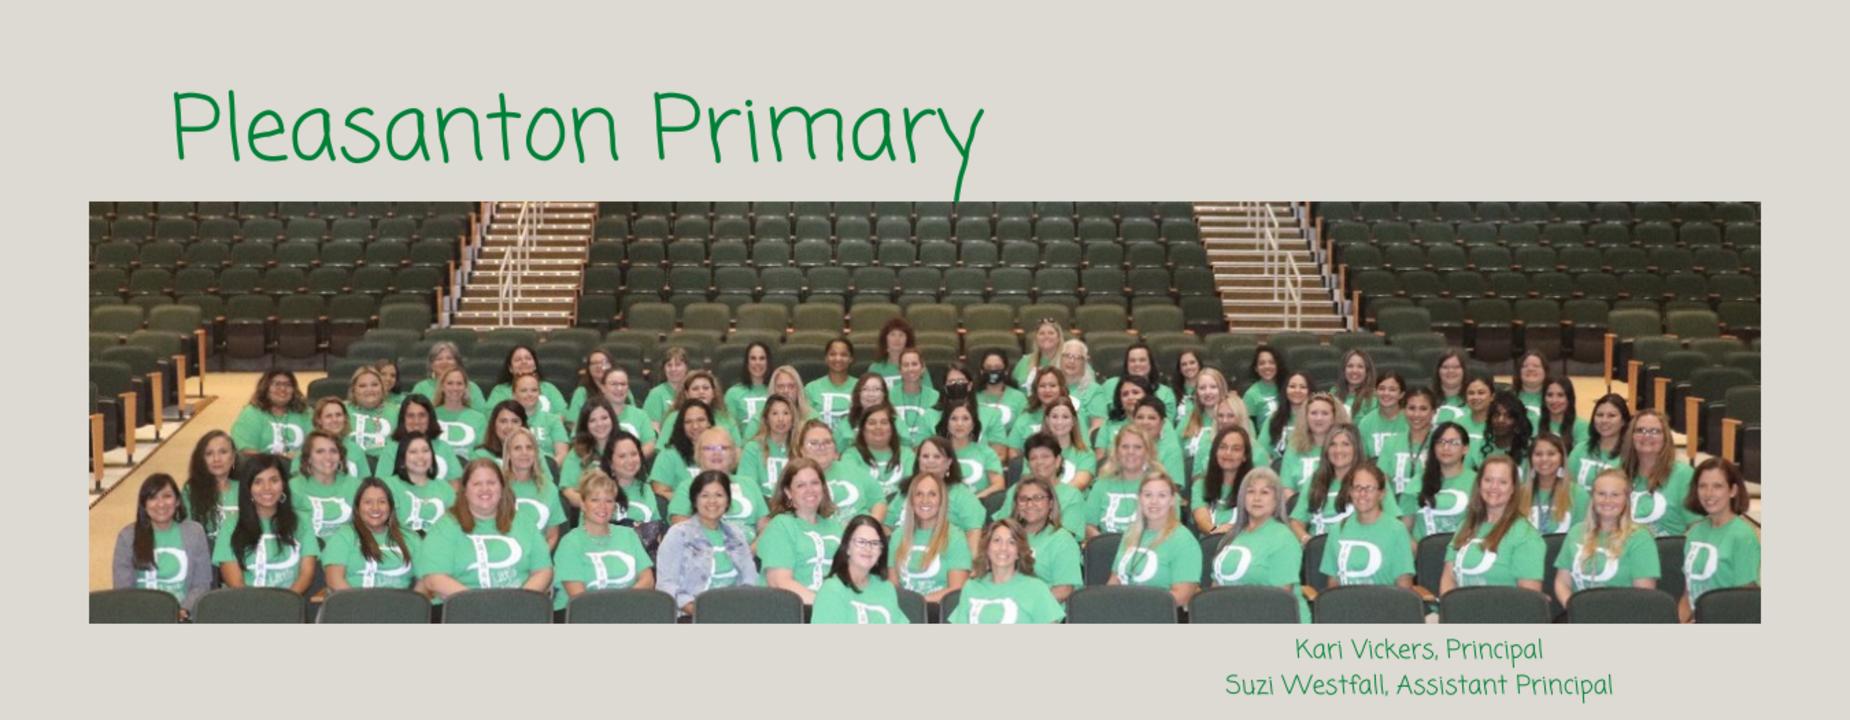 Pleasanton Primary